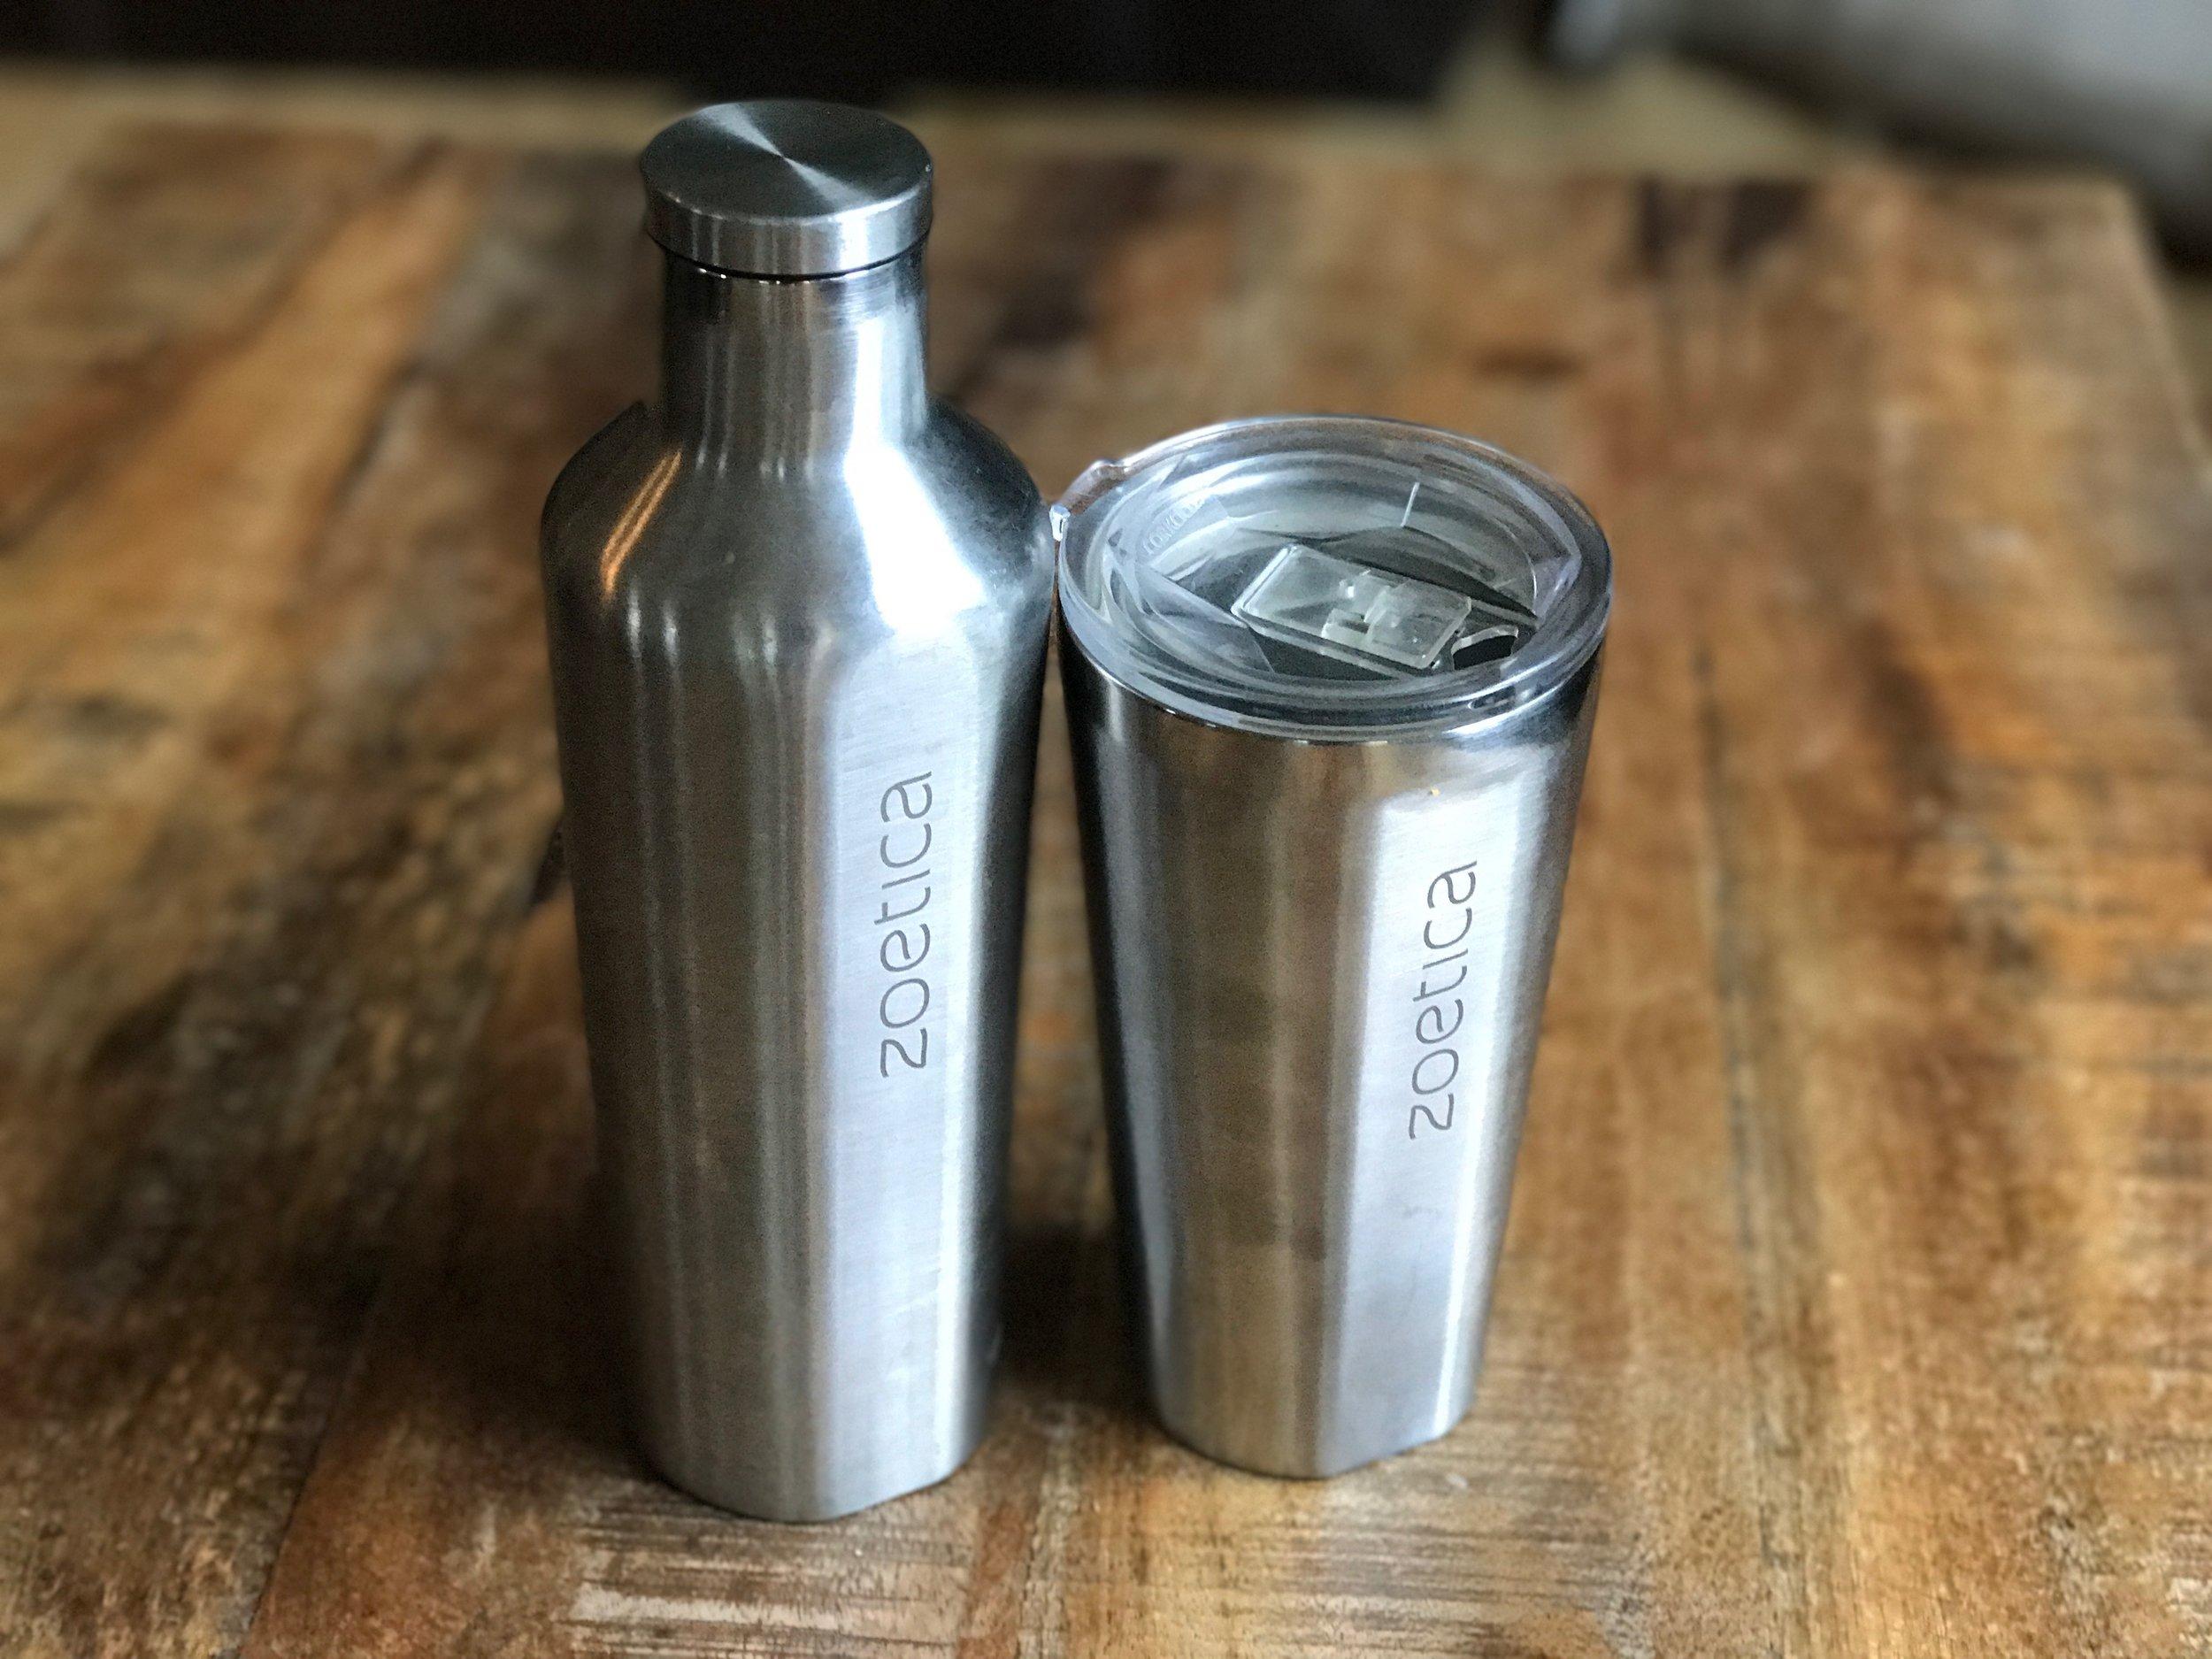 The Z-Beverage Kit